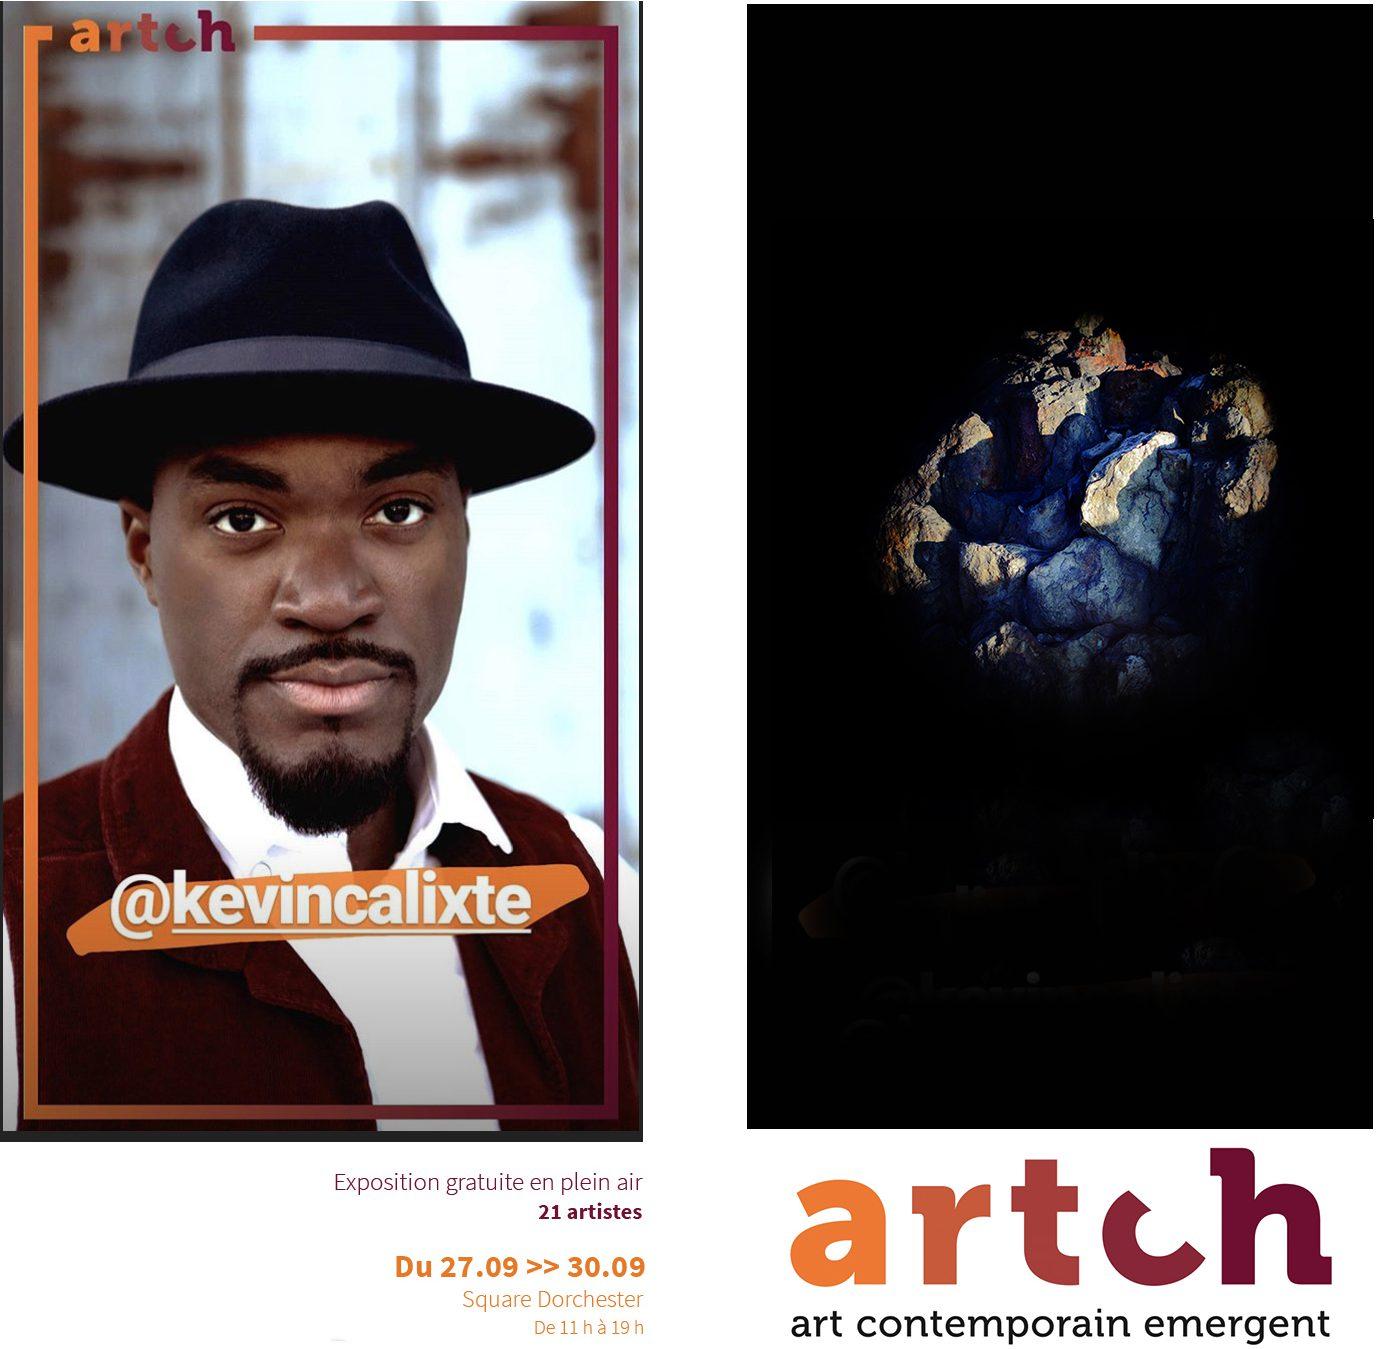 artch-Kevin-calixte-conseil-des-arts-de-montréal